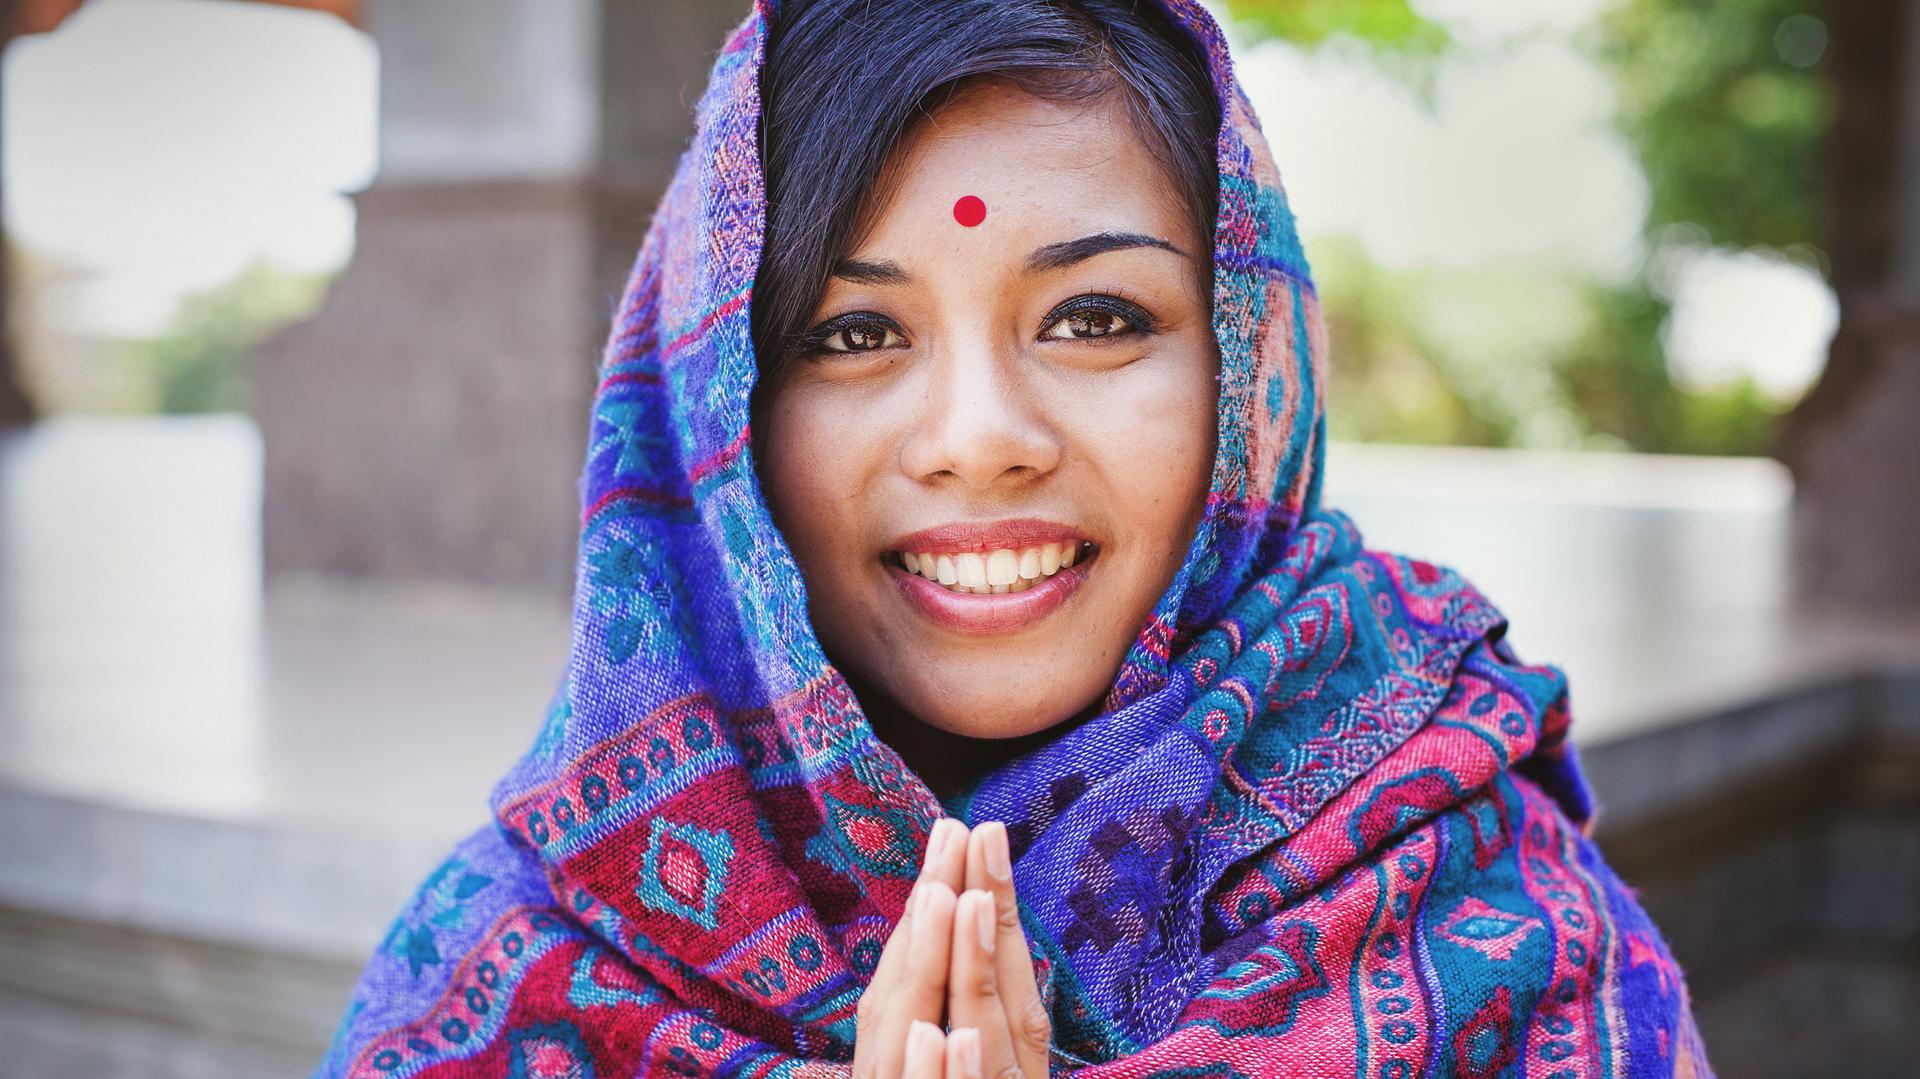 En India y Nepal -y en ambientes hinduistas o budistas- se utiliza diariamente para saludar, decir hola o despedirse (Getty)